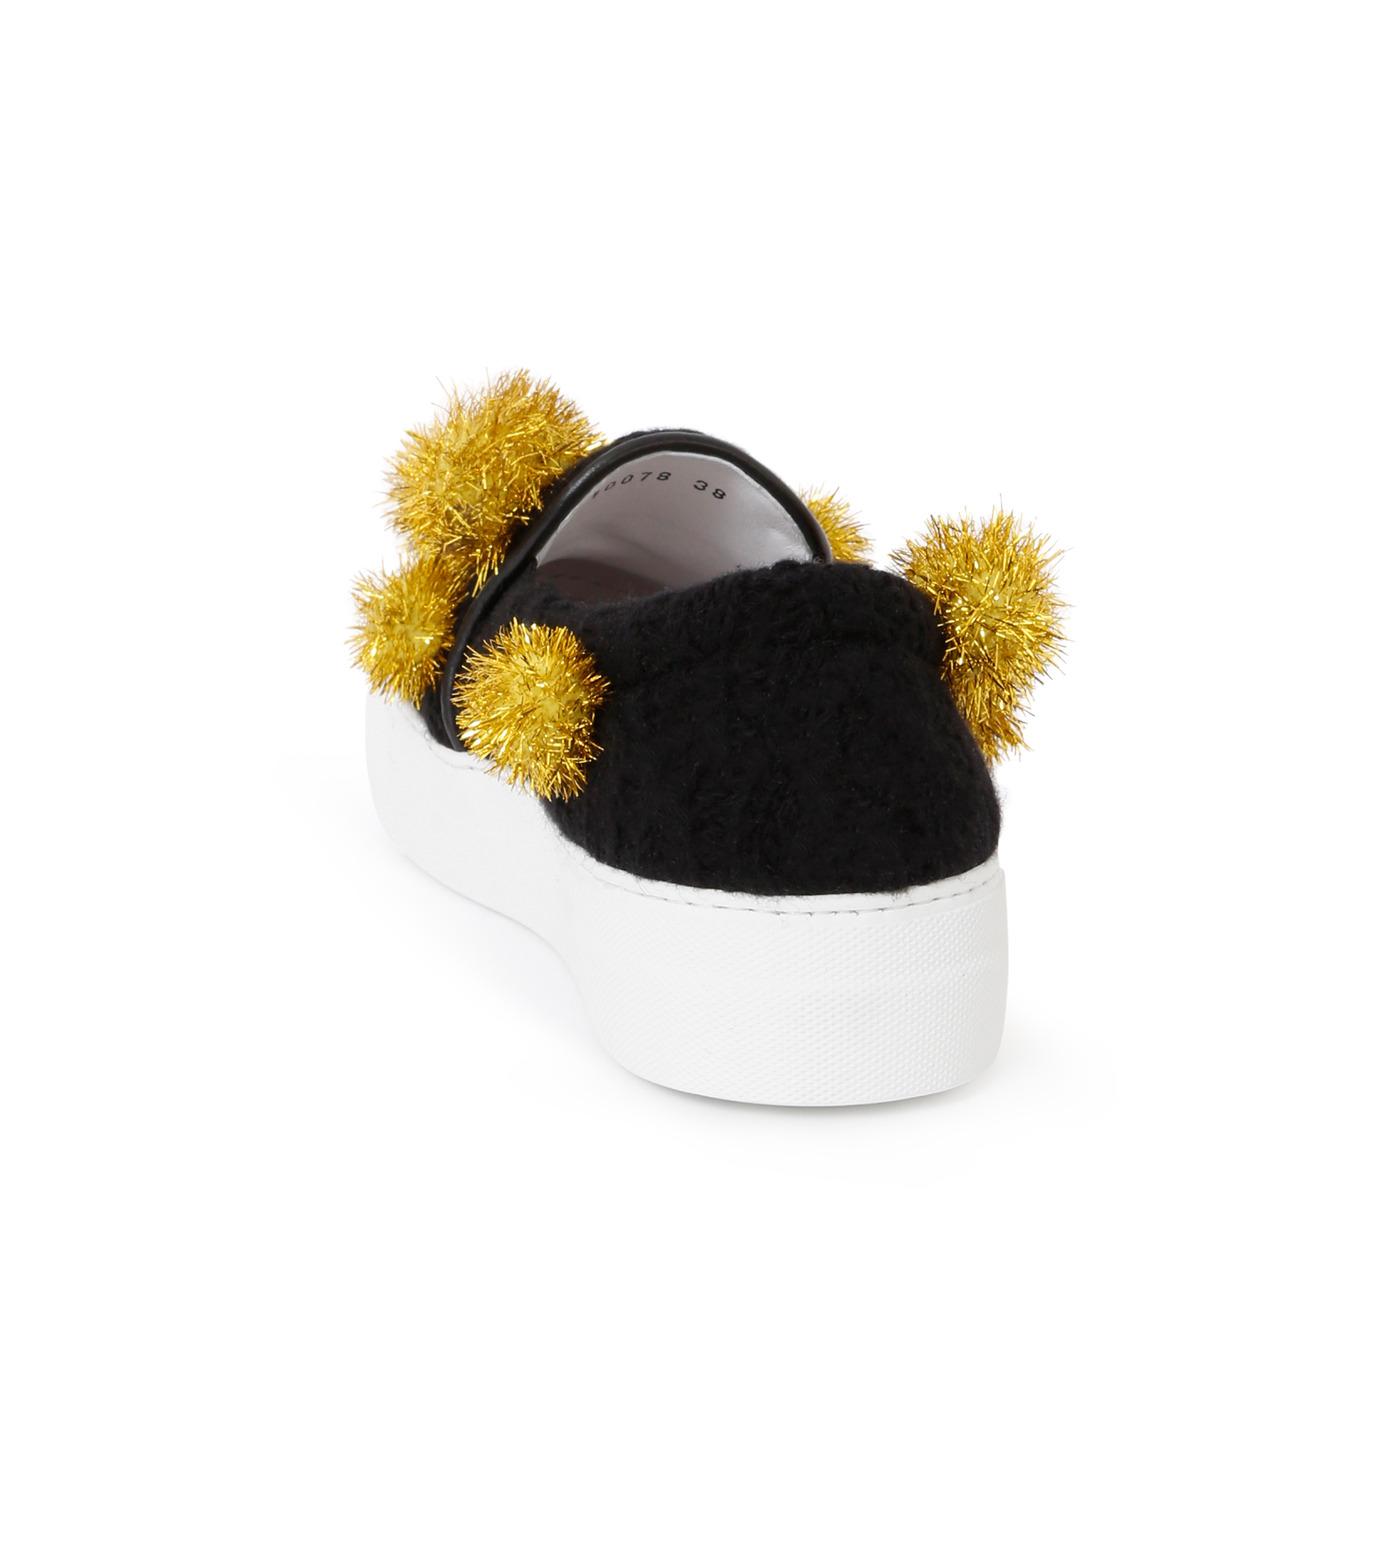 Joshua SANDERS(ジョシュア・サンダース)のSlip On Pompom-BLACK(スニーカー/sneaker)-10078P-13 拡大詳細画像3